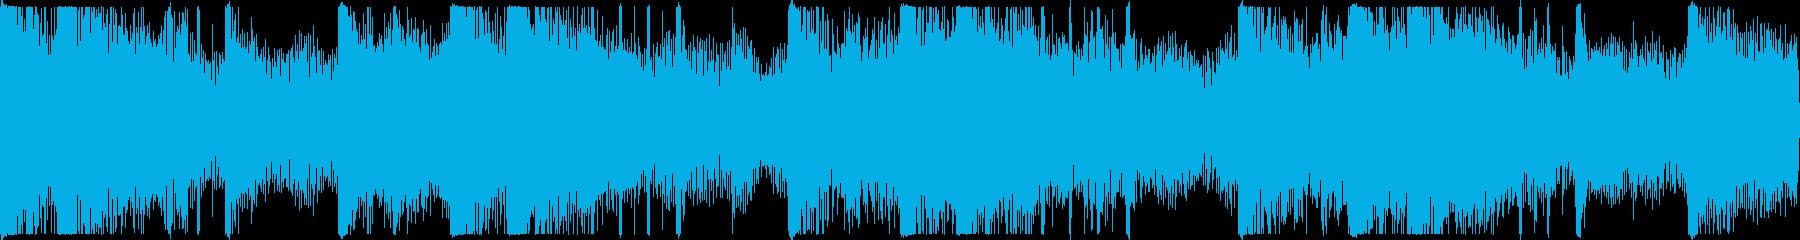 迫力のあるサスペンス風BGMループ用の再生済みの波形